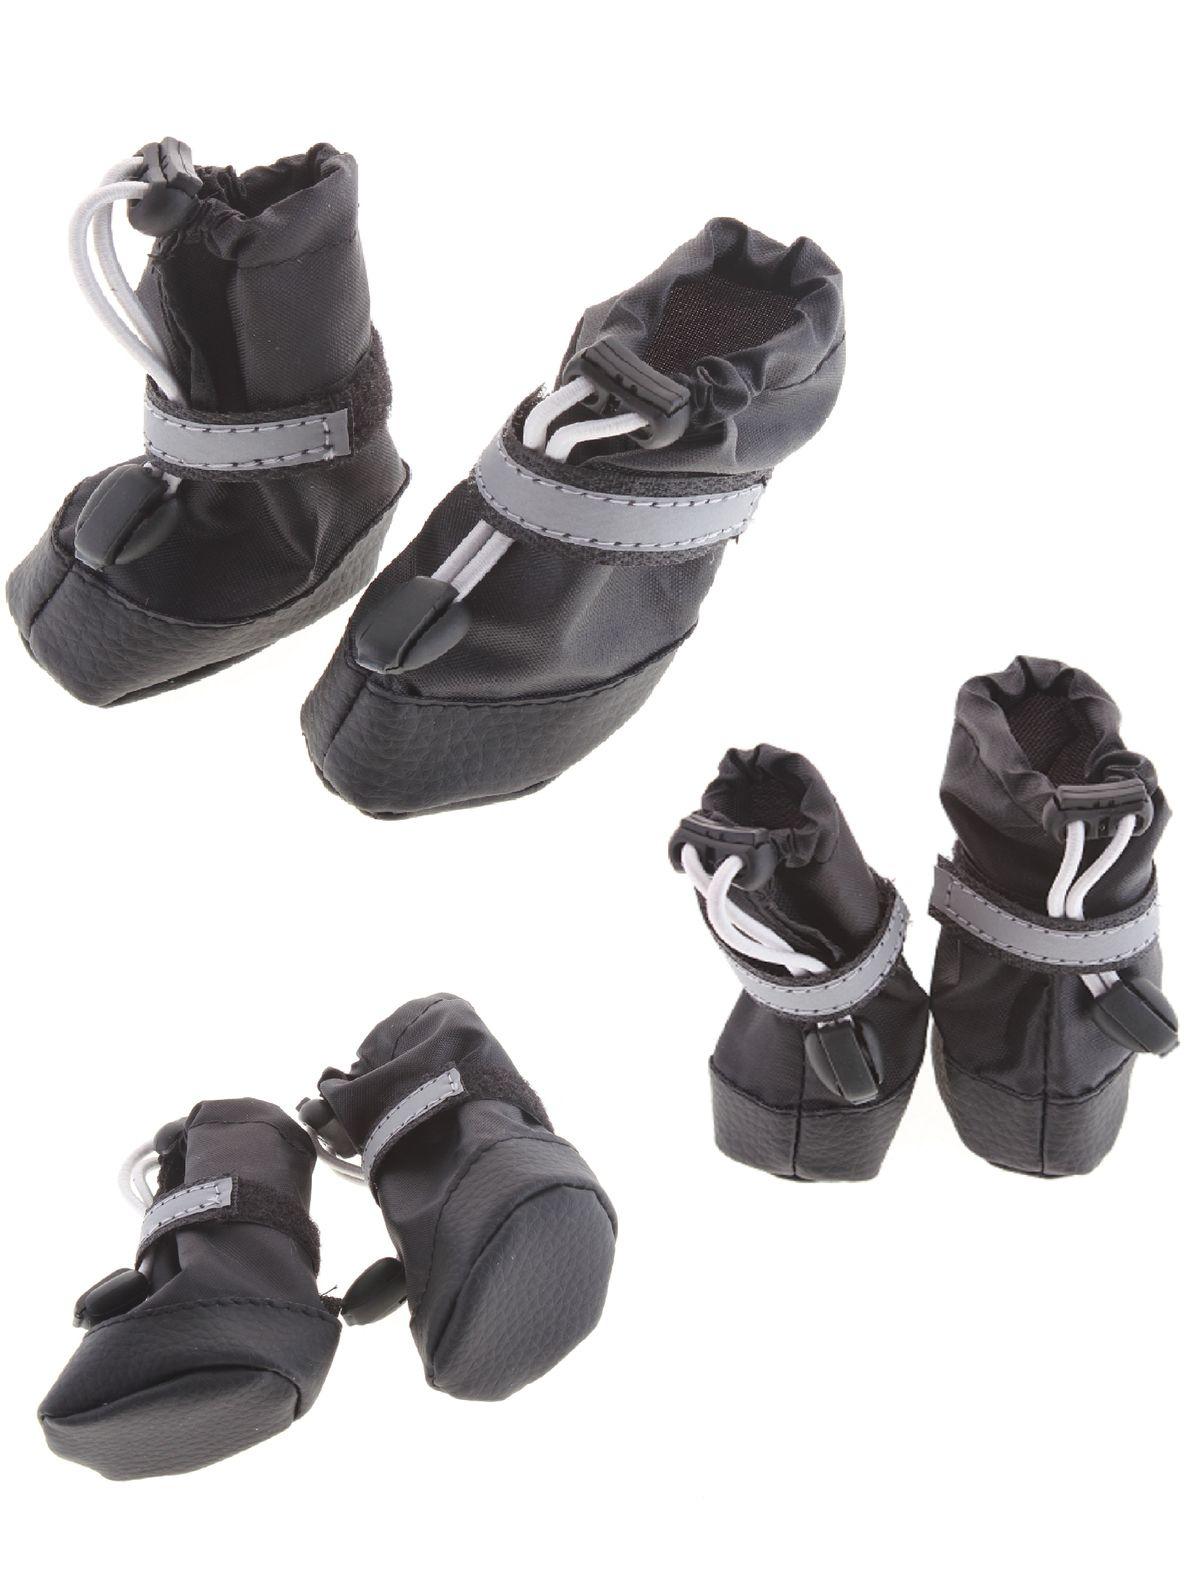 Фото - Обувь для животных ЗООМАНИЯ 7426936750209 interight пара обувь повседневная обувь плоская обувь вождение обувь горох обувь серый 235 метров